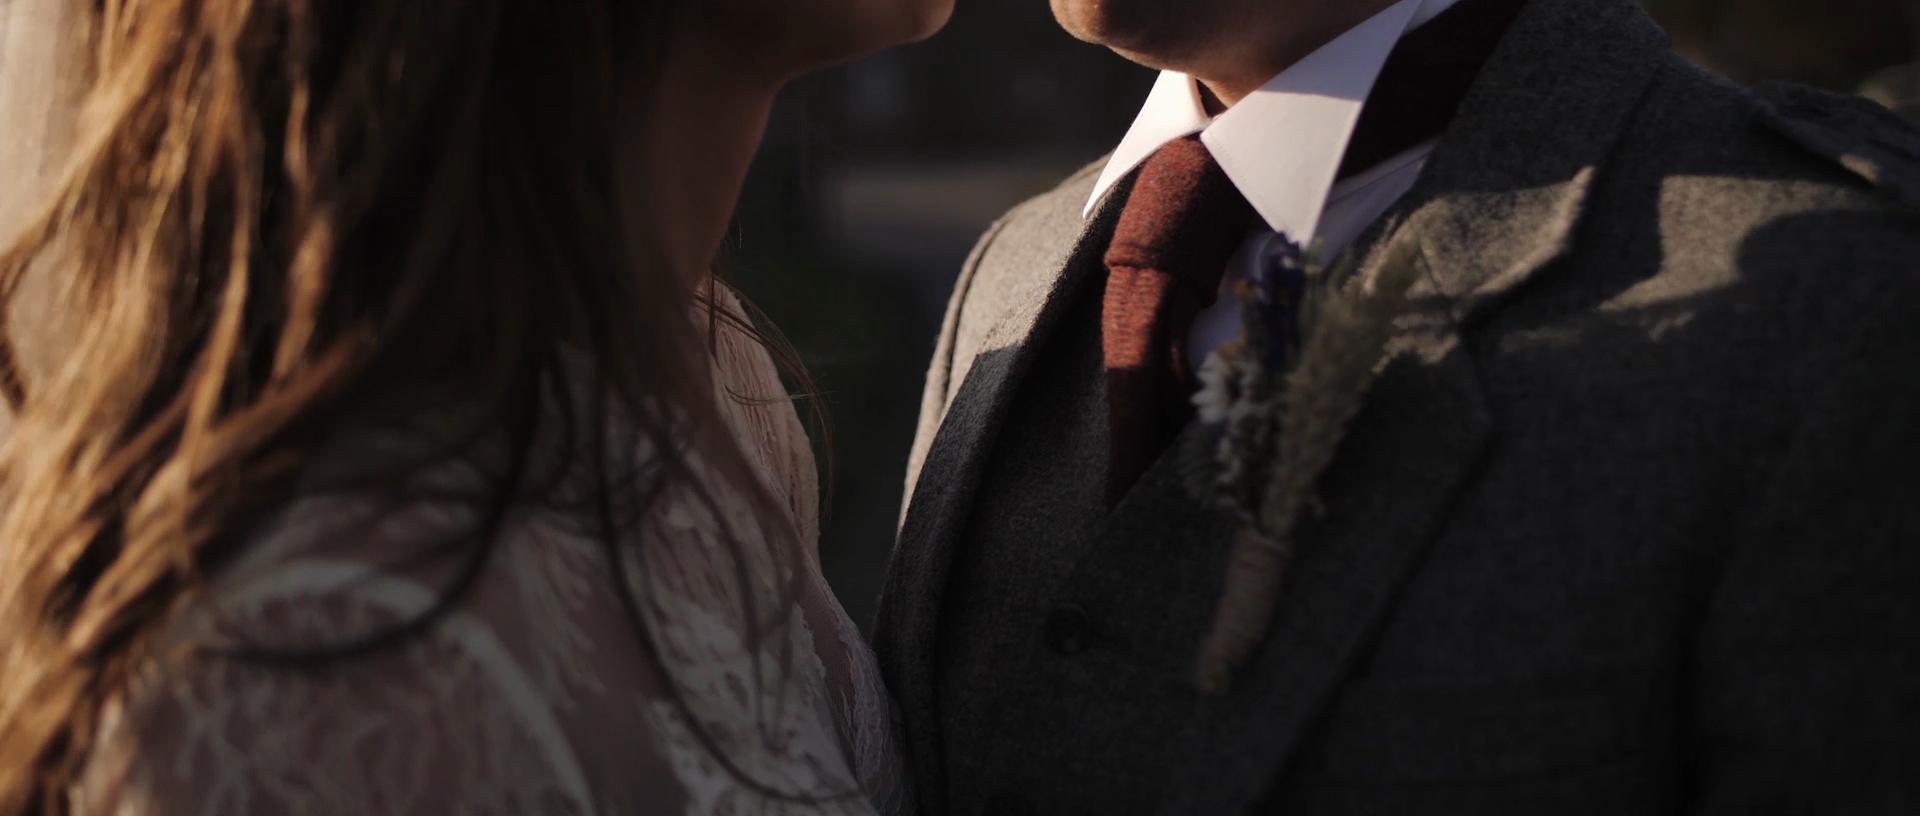 boclair-house-wedding-videographer_LL_04.jpg